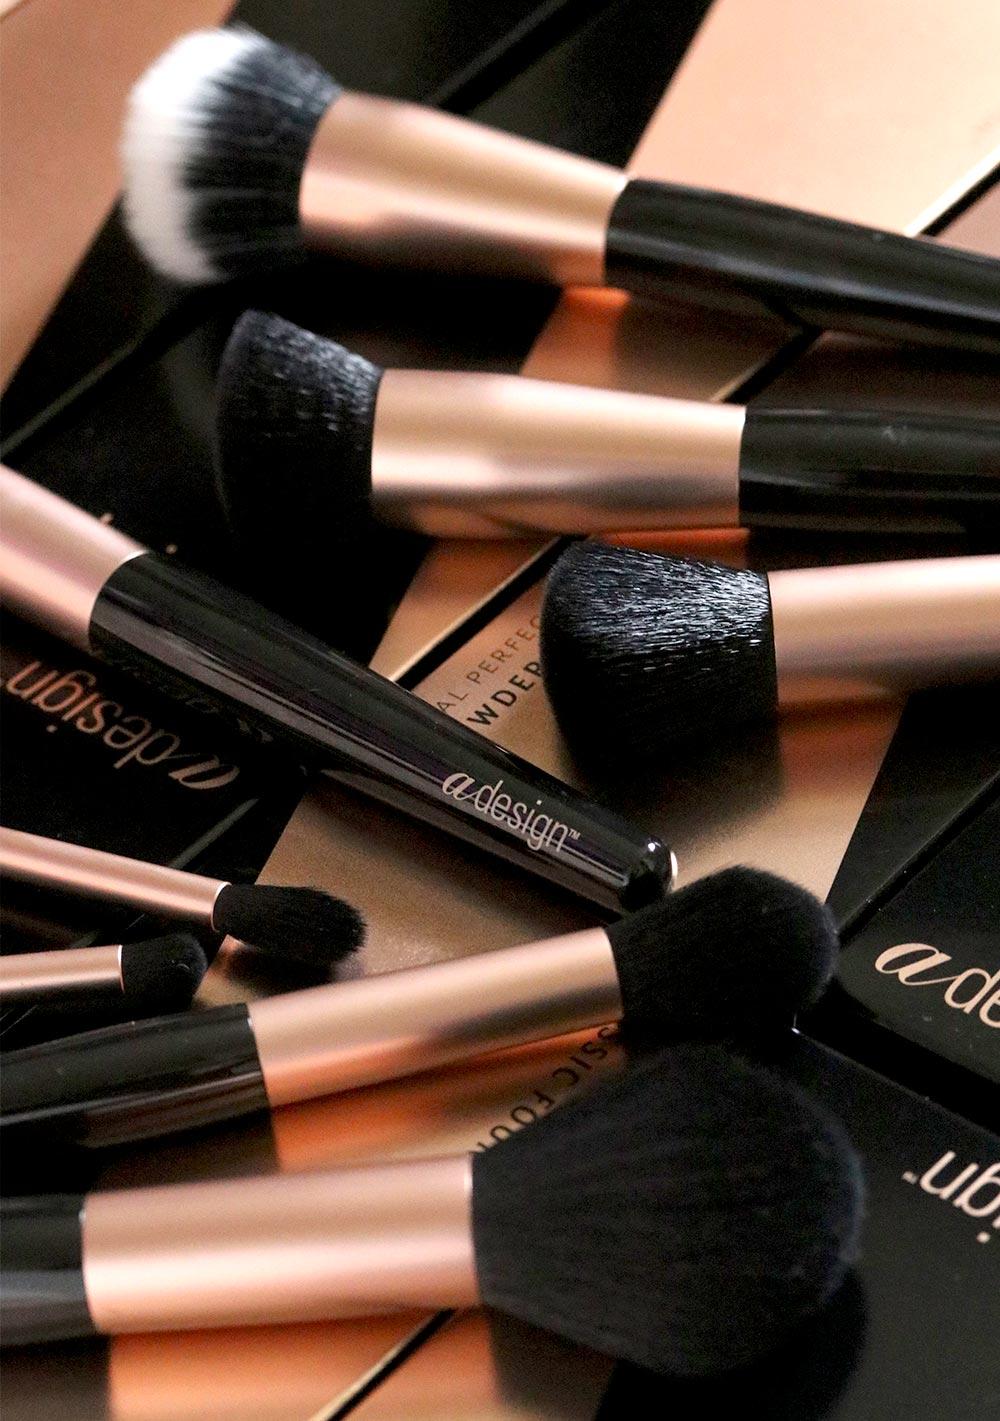 adesign makeup brushes 1